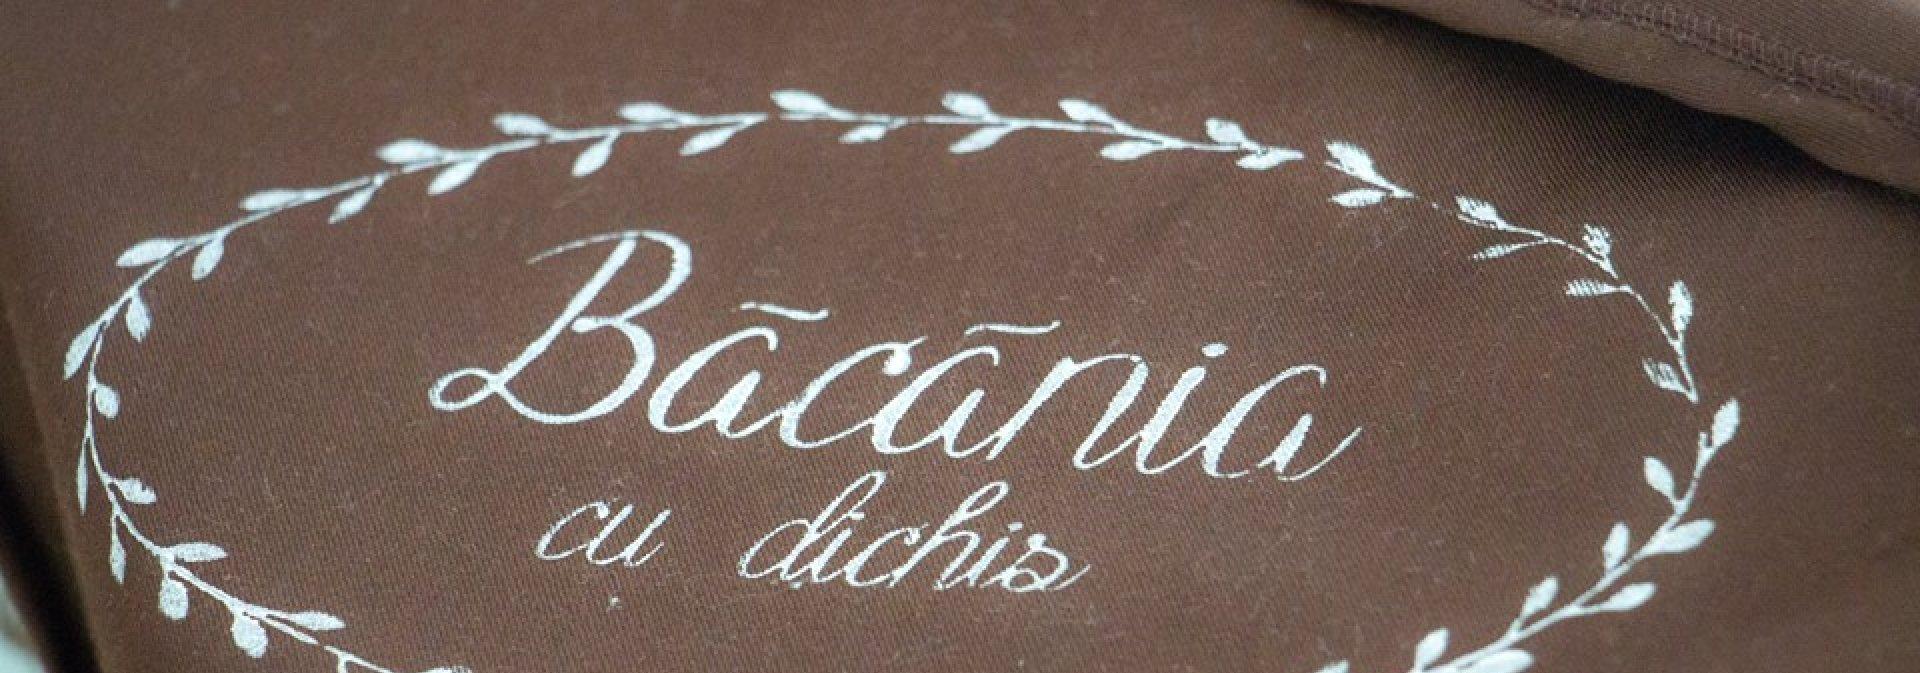 Băcănia cu Dichis, Bacău